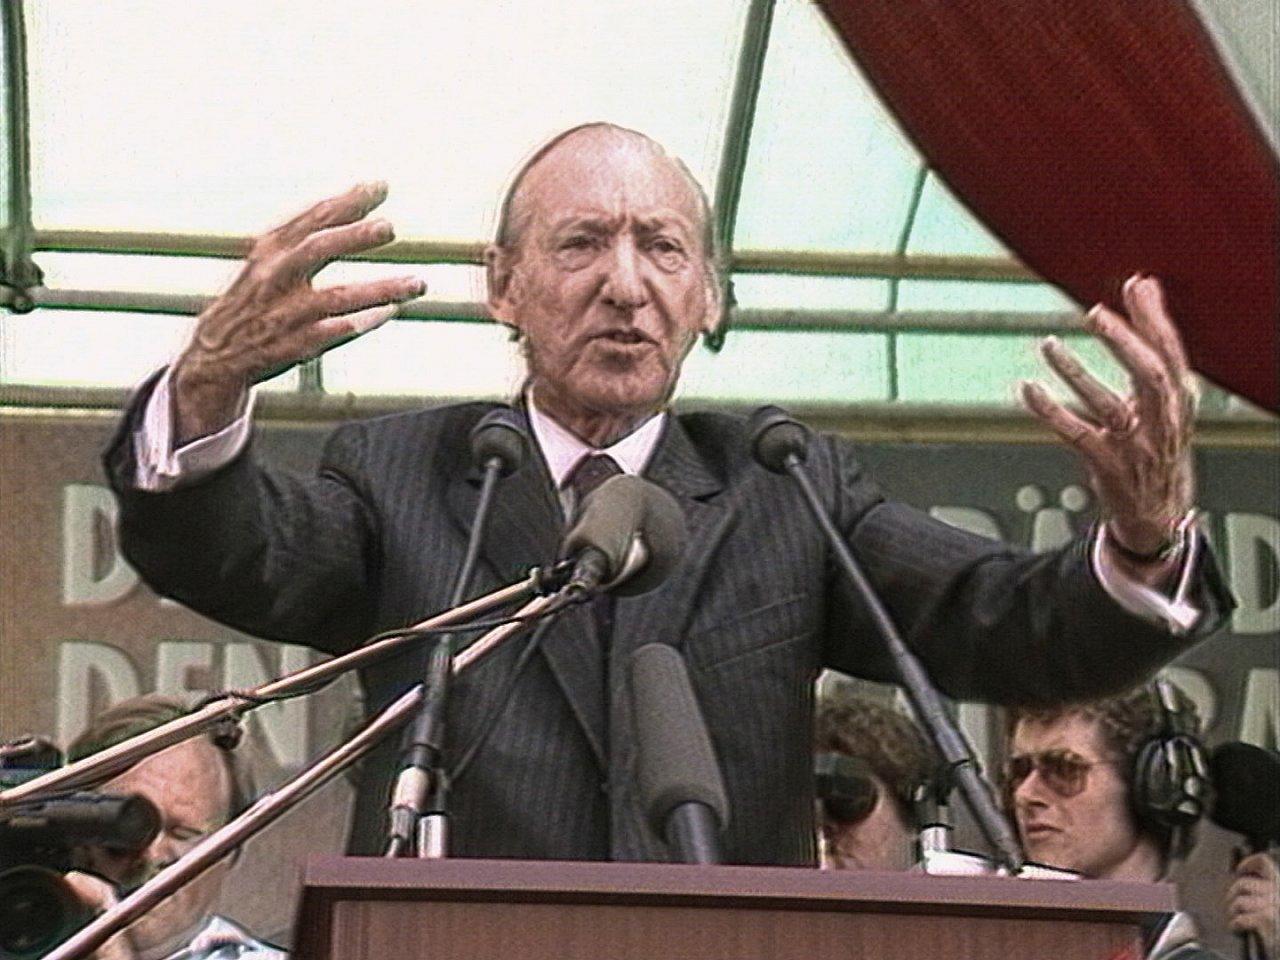 Figura 3. Kurt Waldheim en campaña en 1986